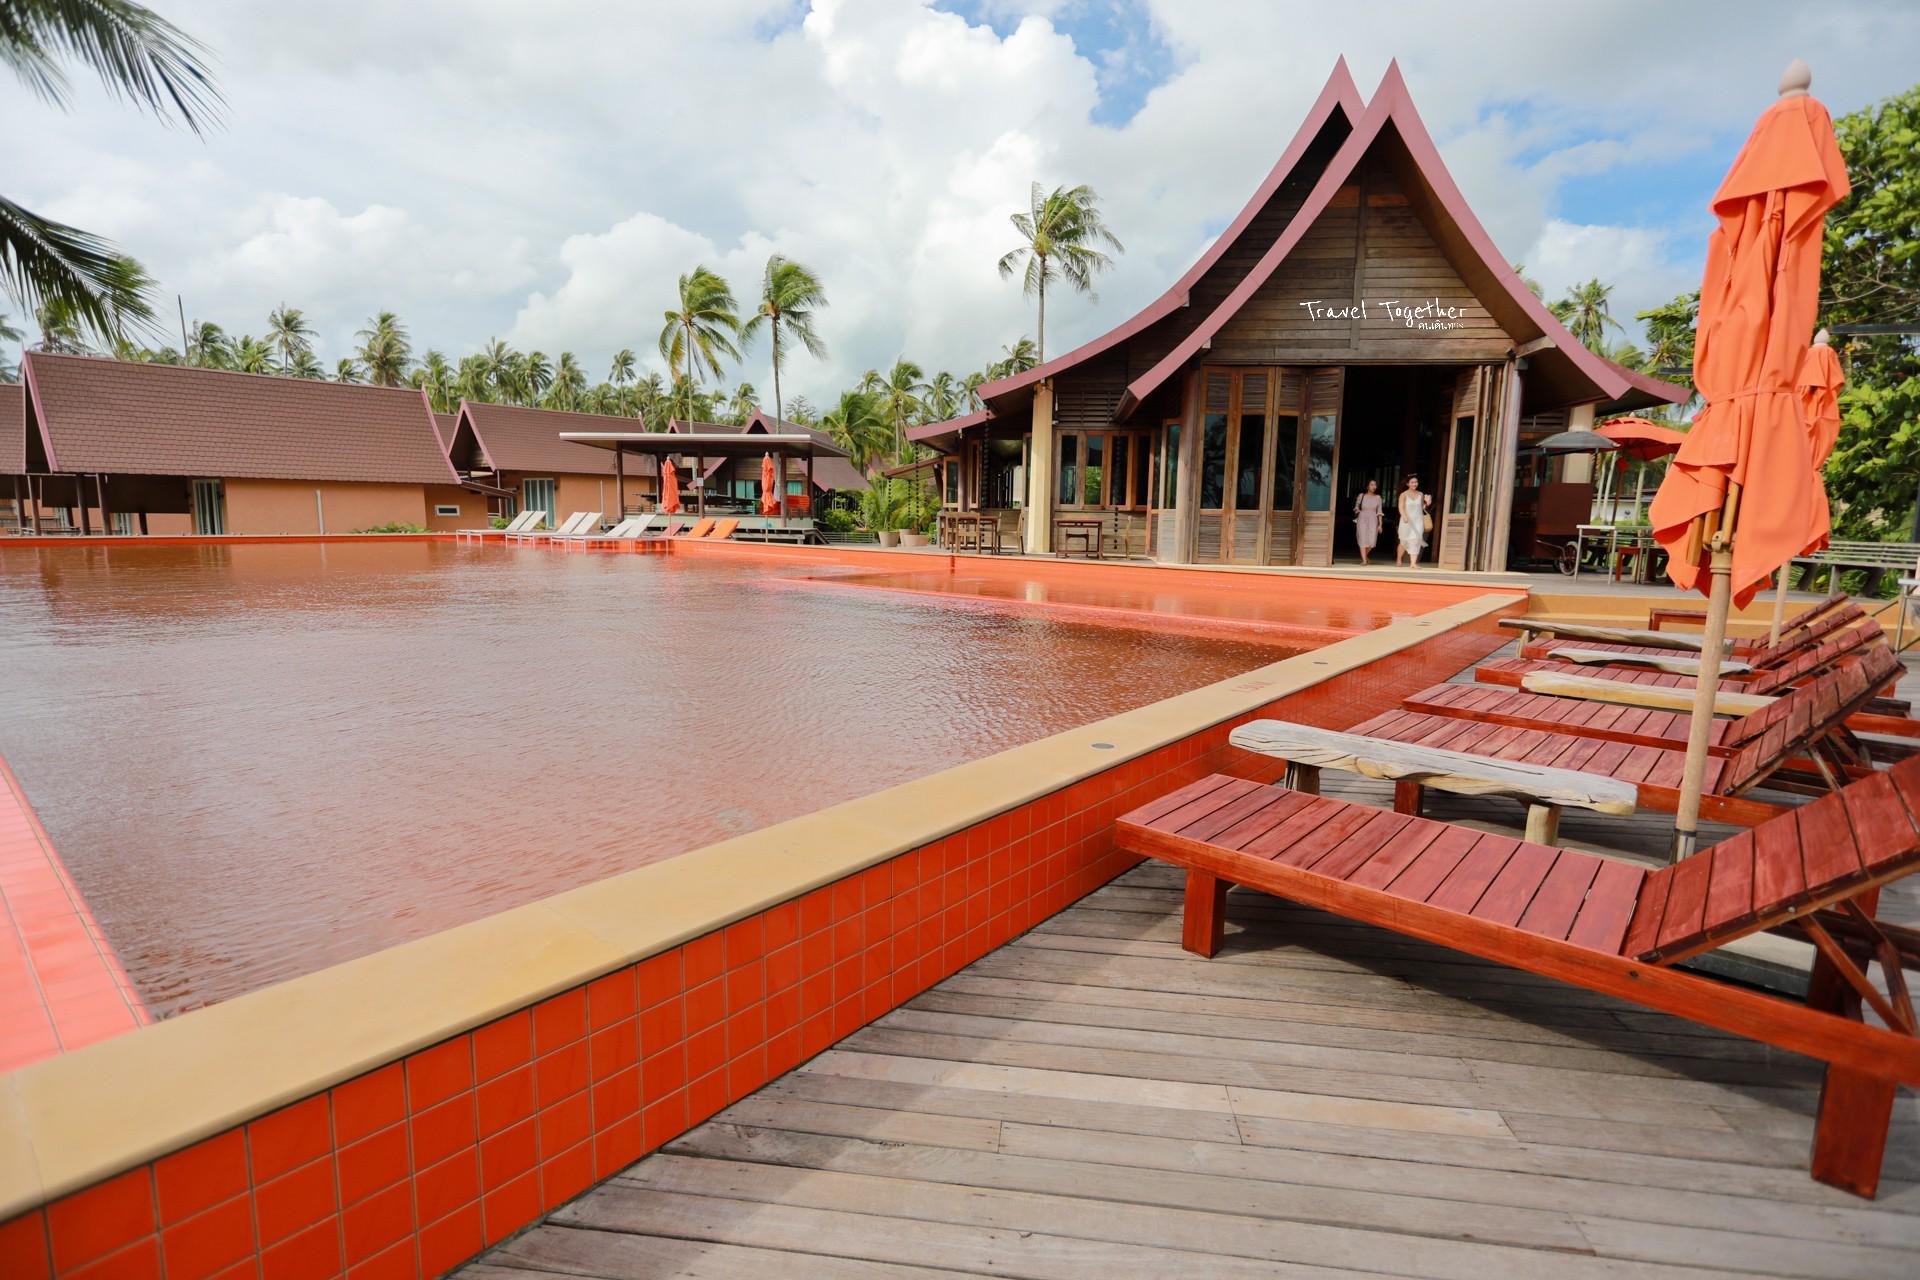 Koh Kood Paradise Beach Resort กับบรรยากาศเหงาๆ ในวันฝนพรำ